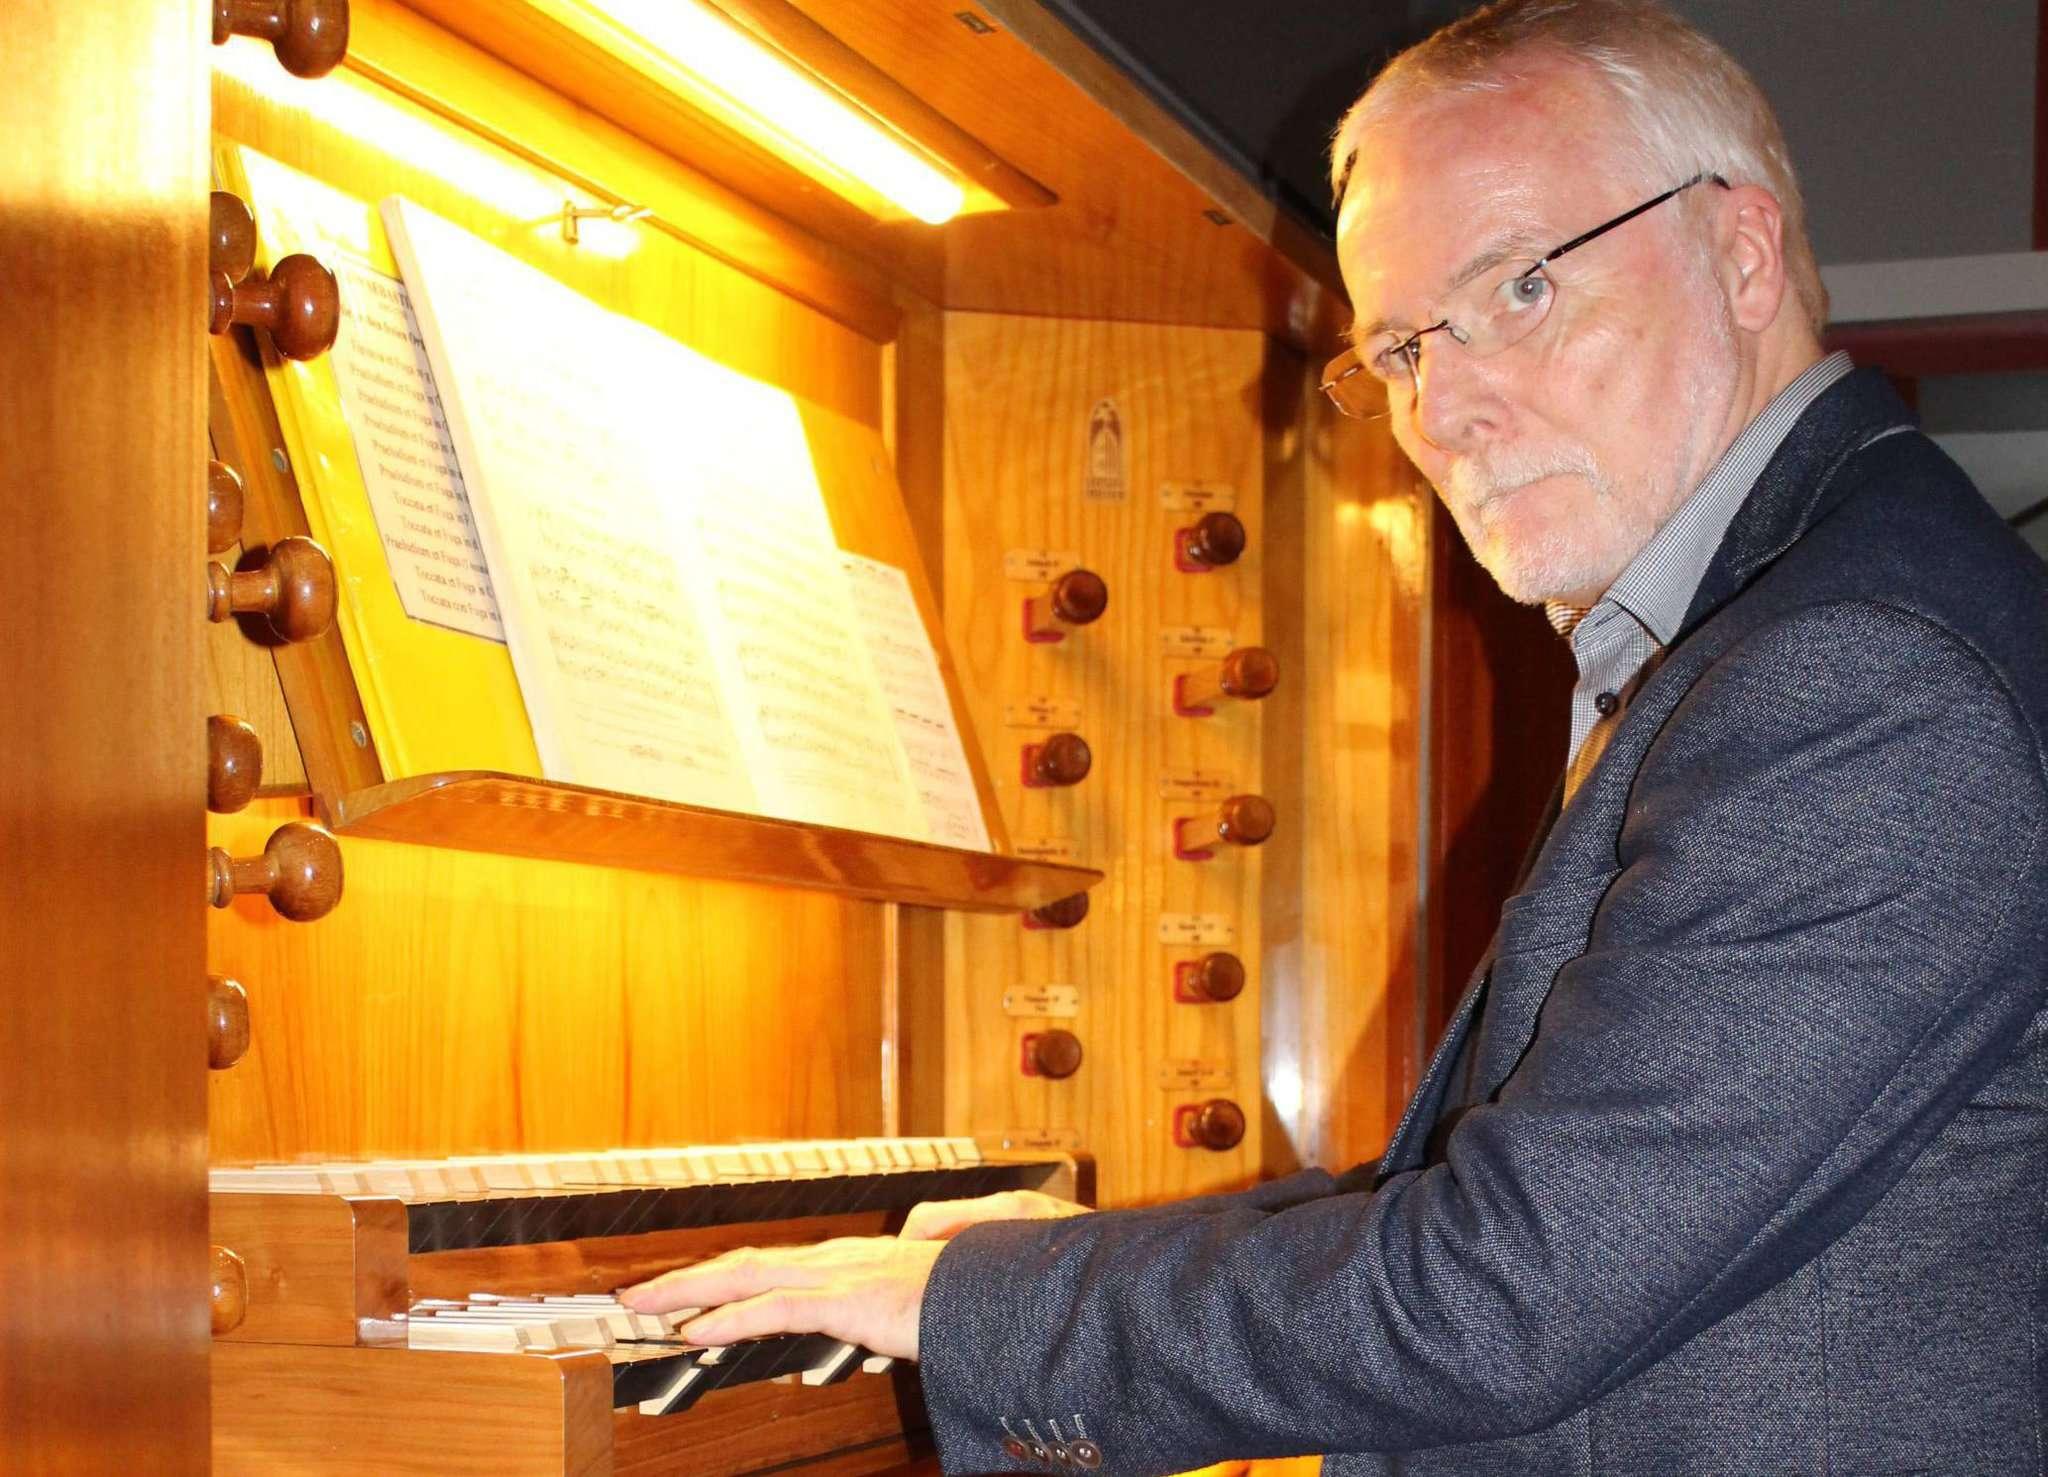 Der Orgelrevisor der hannoverschen Landeskirche Karl-Heinz Voßmeier spielt auf dem neuen Spieltisch der renovierten Kemper-Orgel. Foto: Henning Leeske